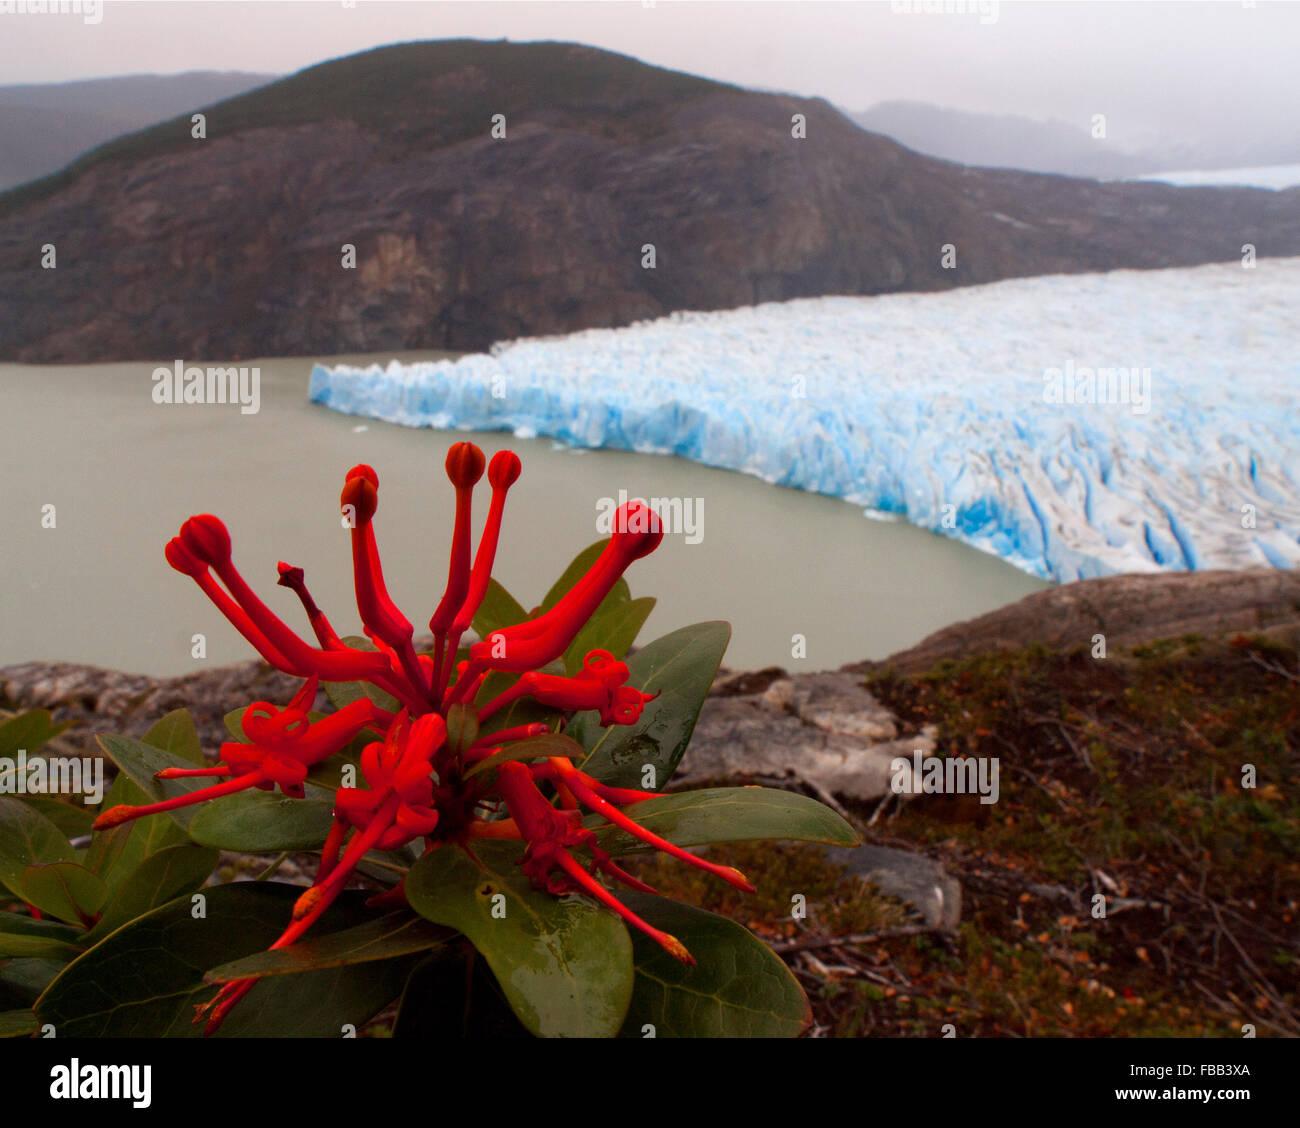 Incendio cileno bush (Embothrium coccineum) e Grigio ghiaccio, Torres del Paine, Patagonia Immagini Stock